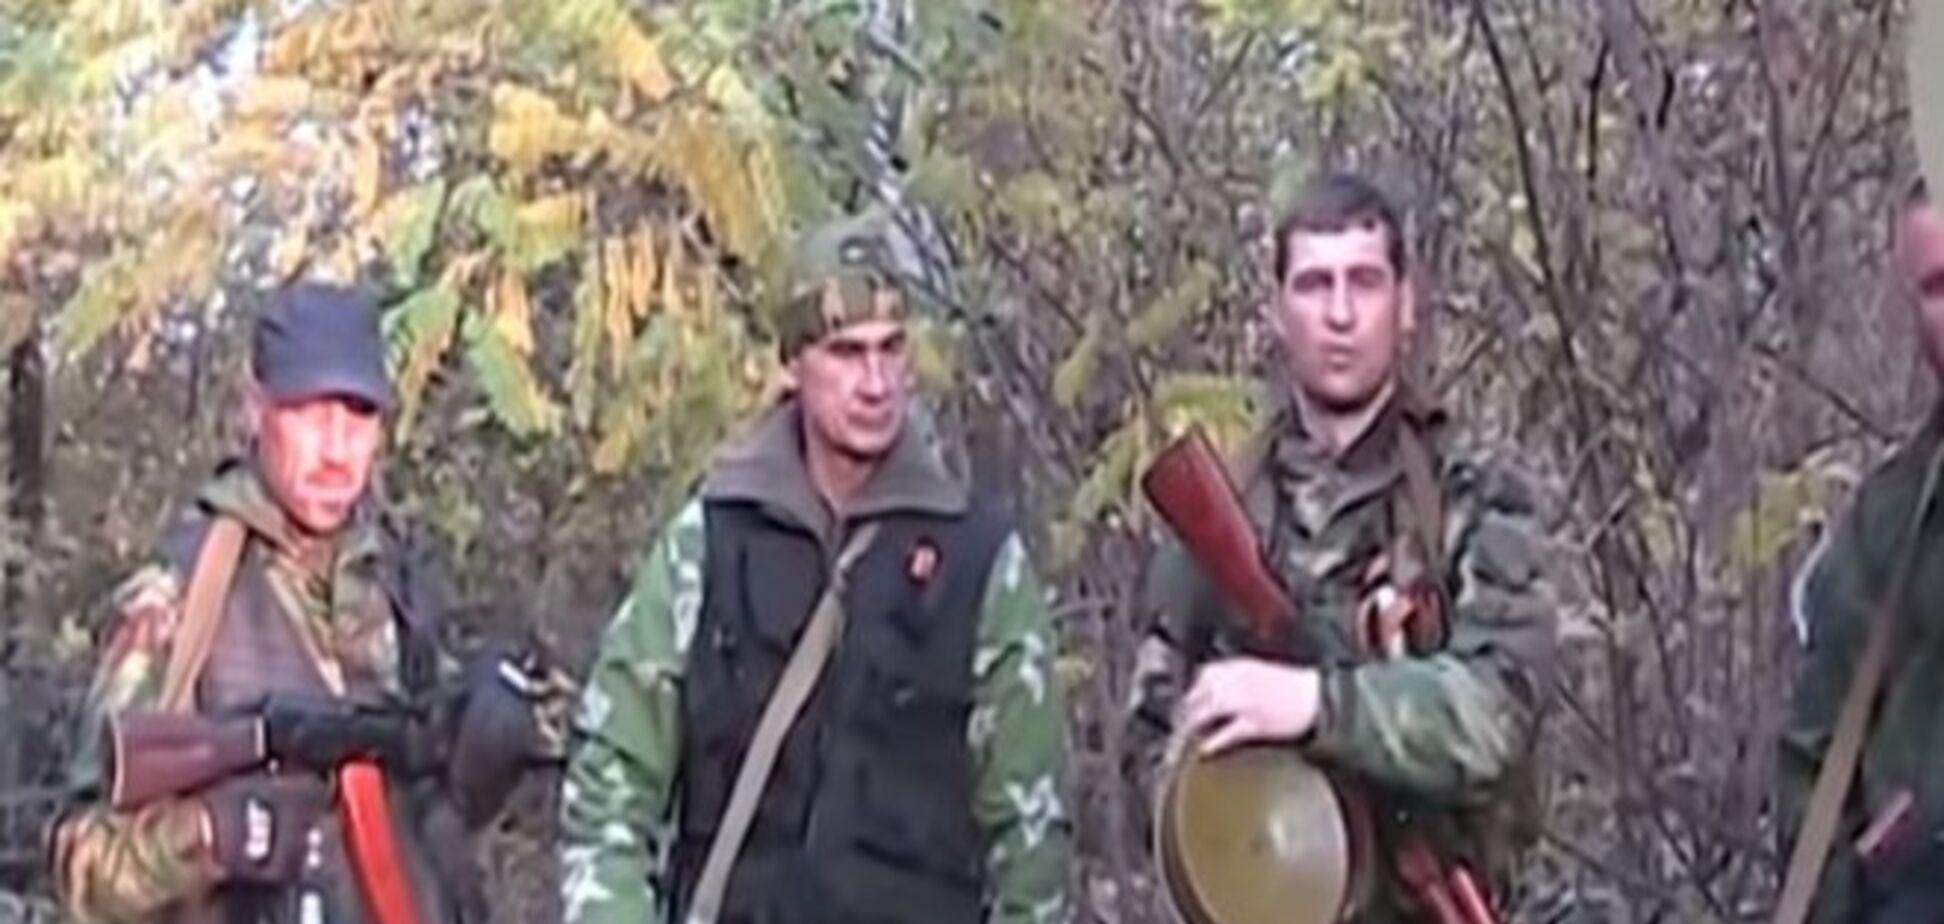 Террорист 'ДНР' рассказал о подготовке боевиков в Донецке и России: видеофакт